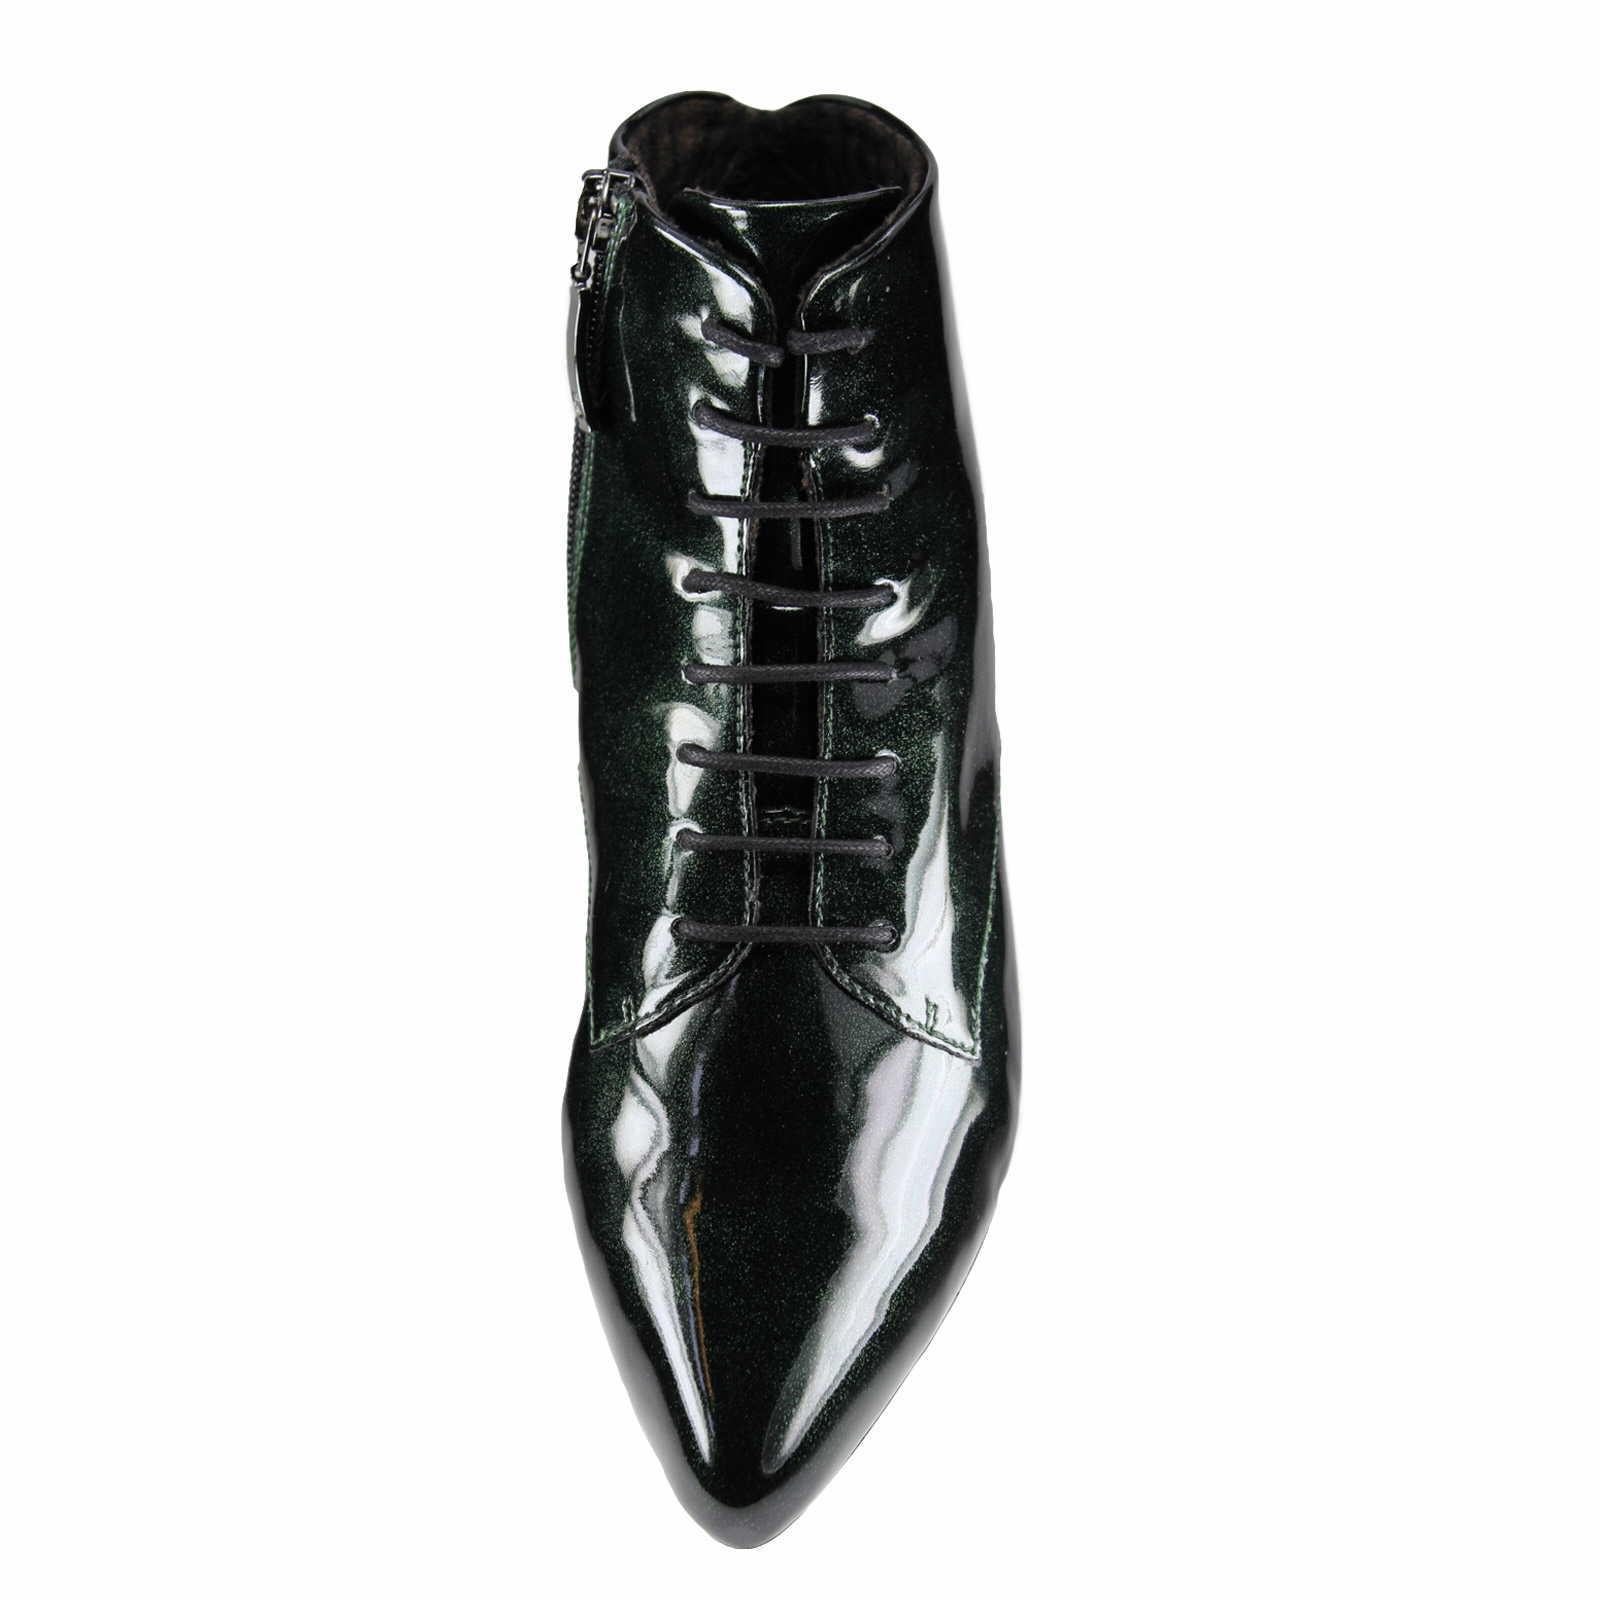 gerry weber shoes gruen ebru 06 g53006 mi52 648 schuhparadies online shop schuhe einfach. Black Bedroom Furniture Sets. Home Design Ideas